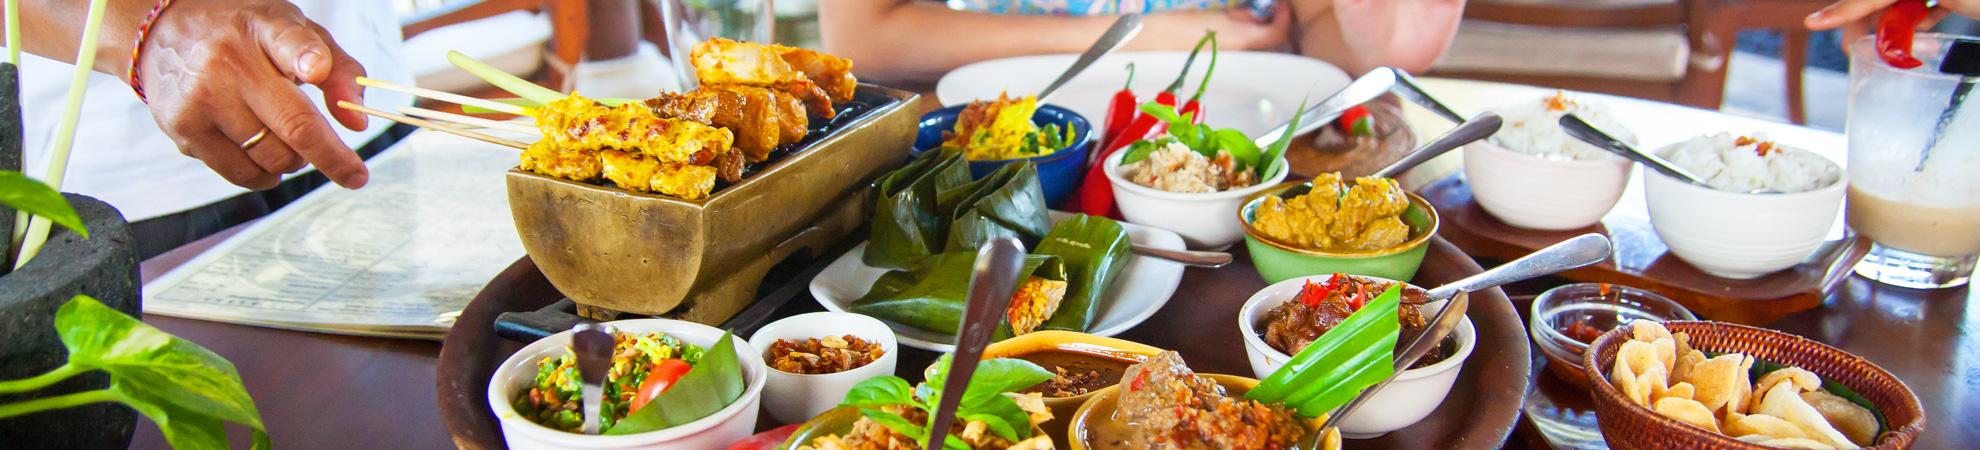 Les spécialités culinaires à Bali